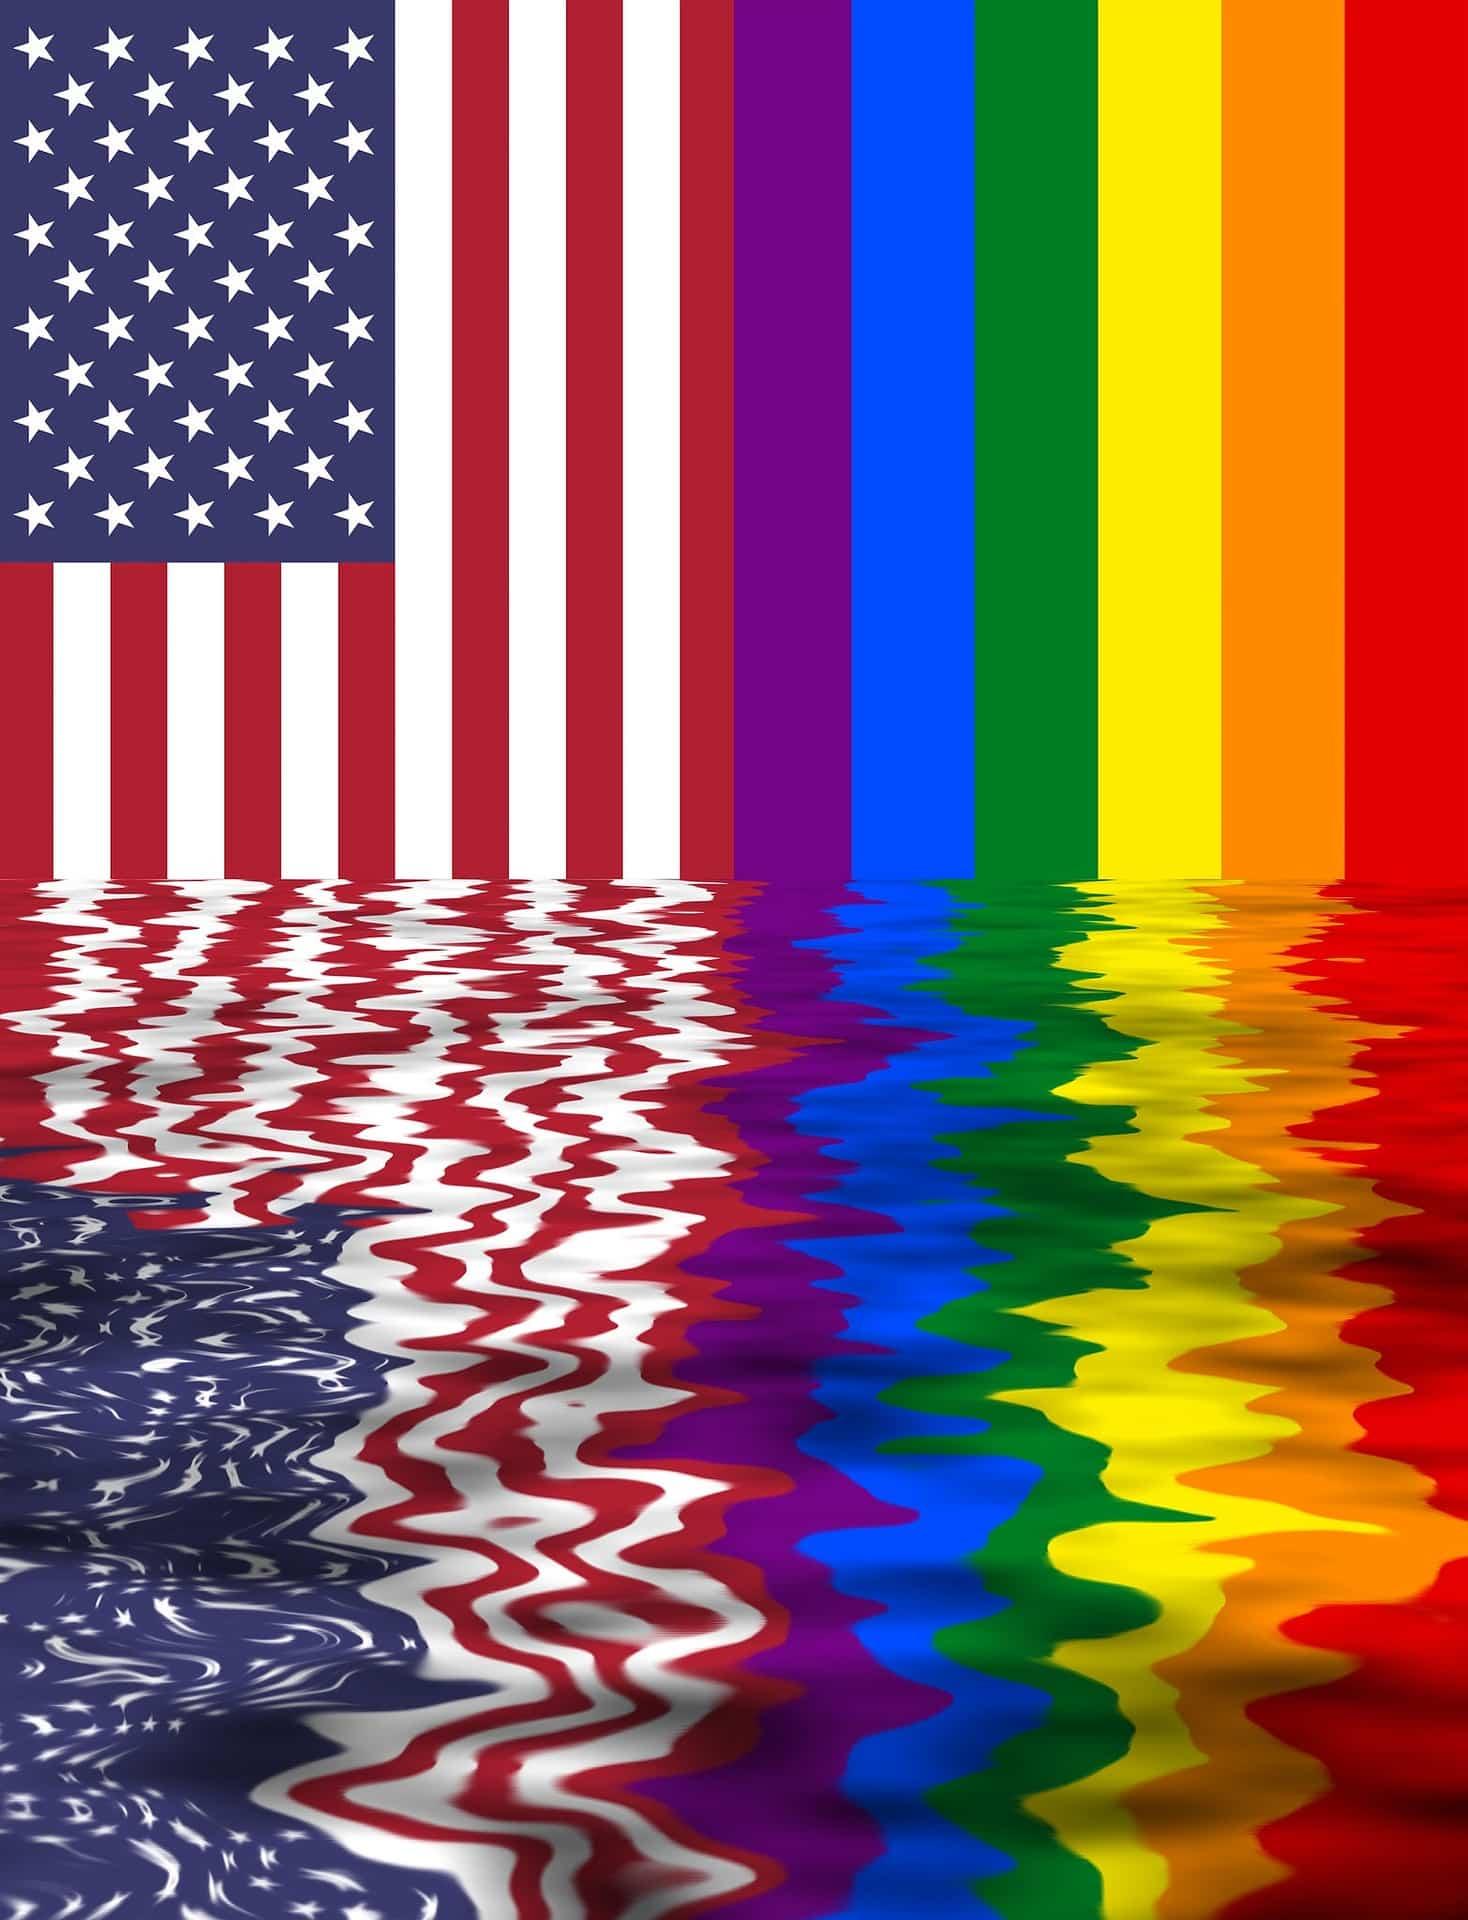 Grandes empresas convocam a Suprema Corte dos EUA para decidir em favor dos trabalhadores LGBT